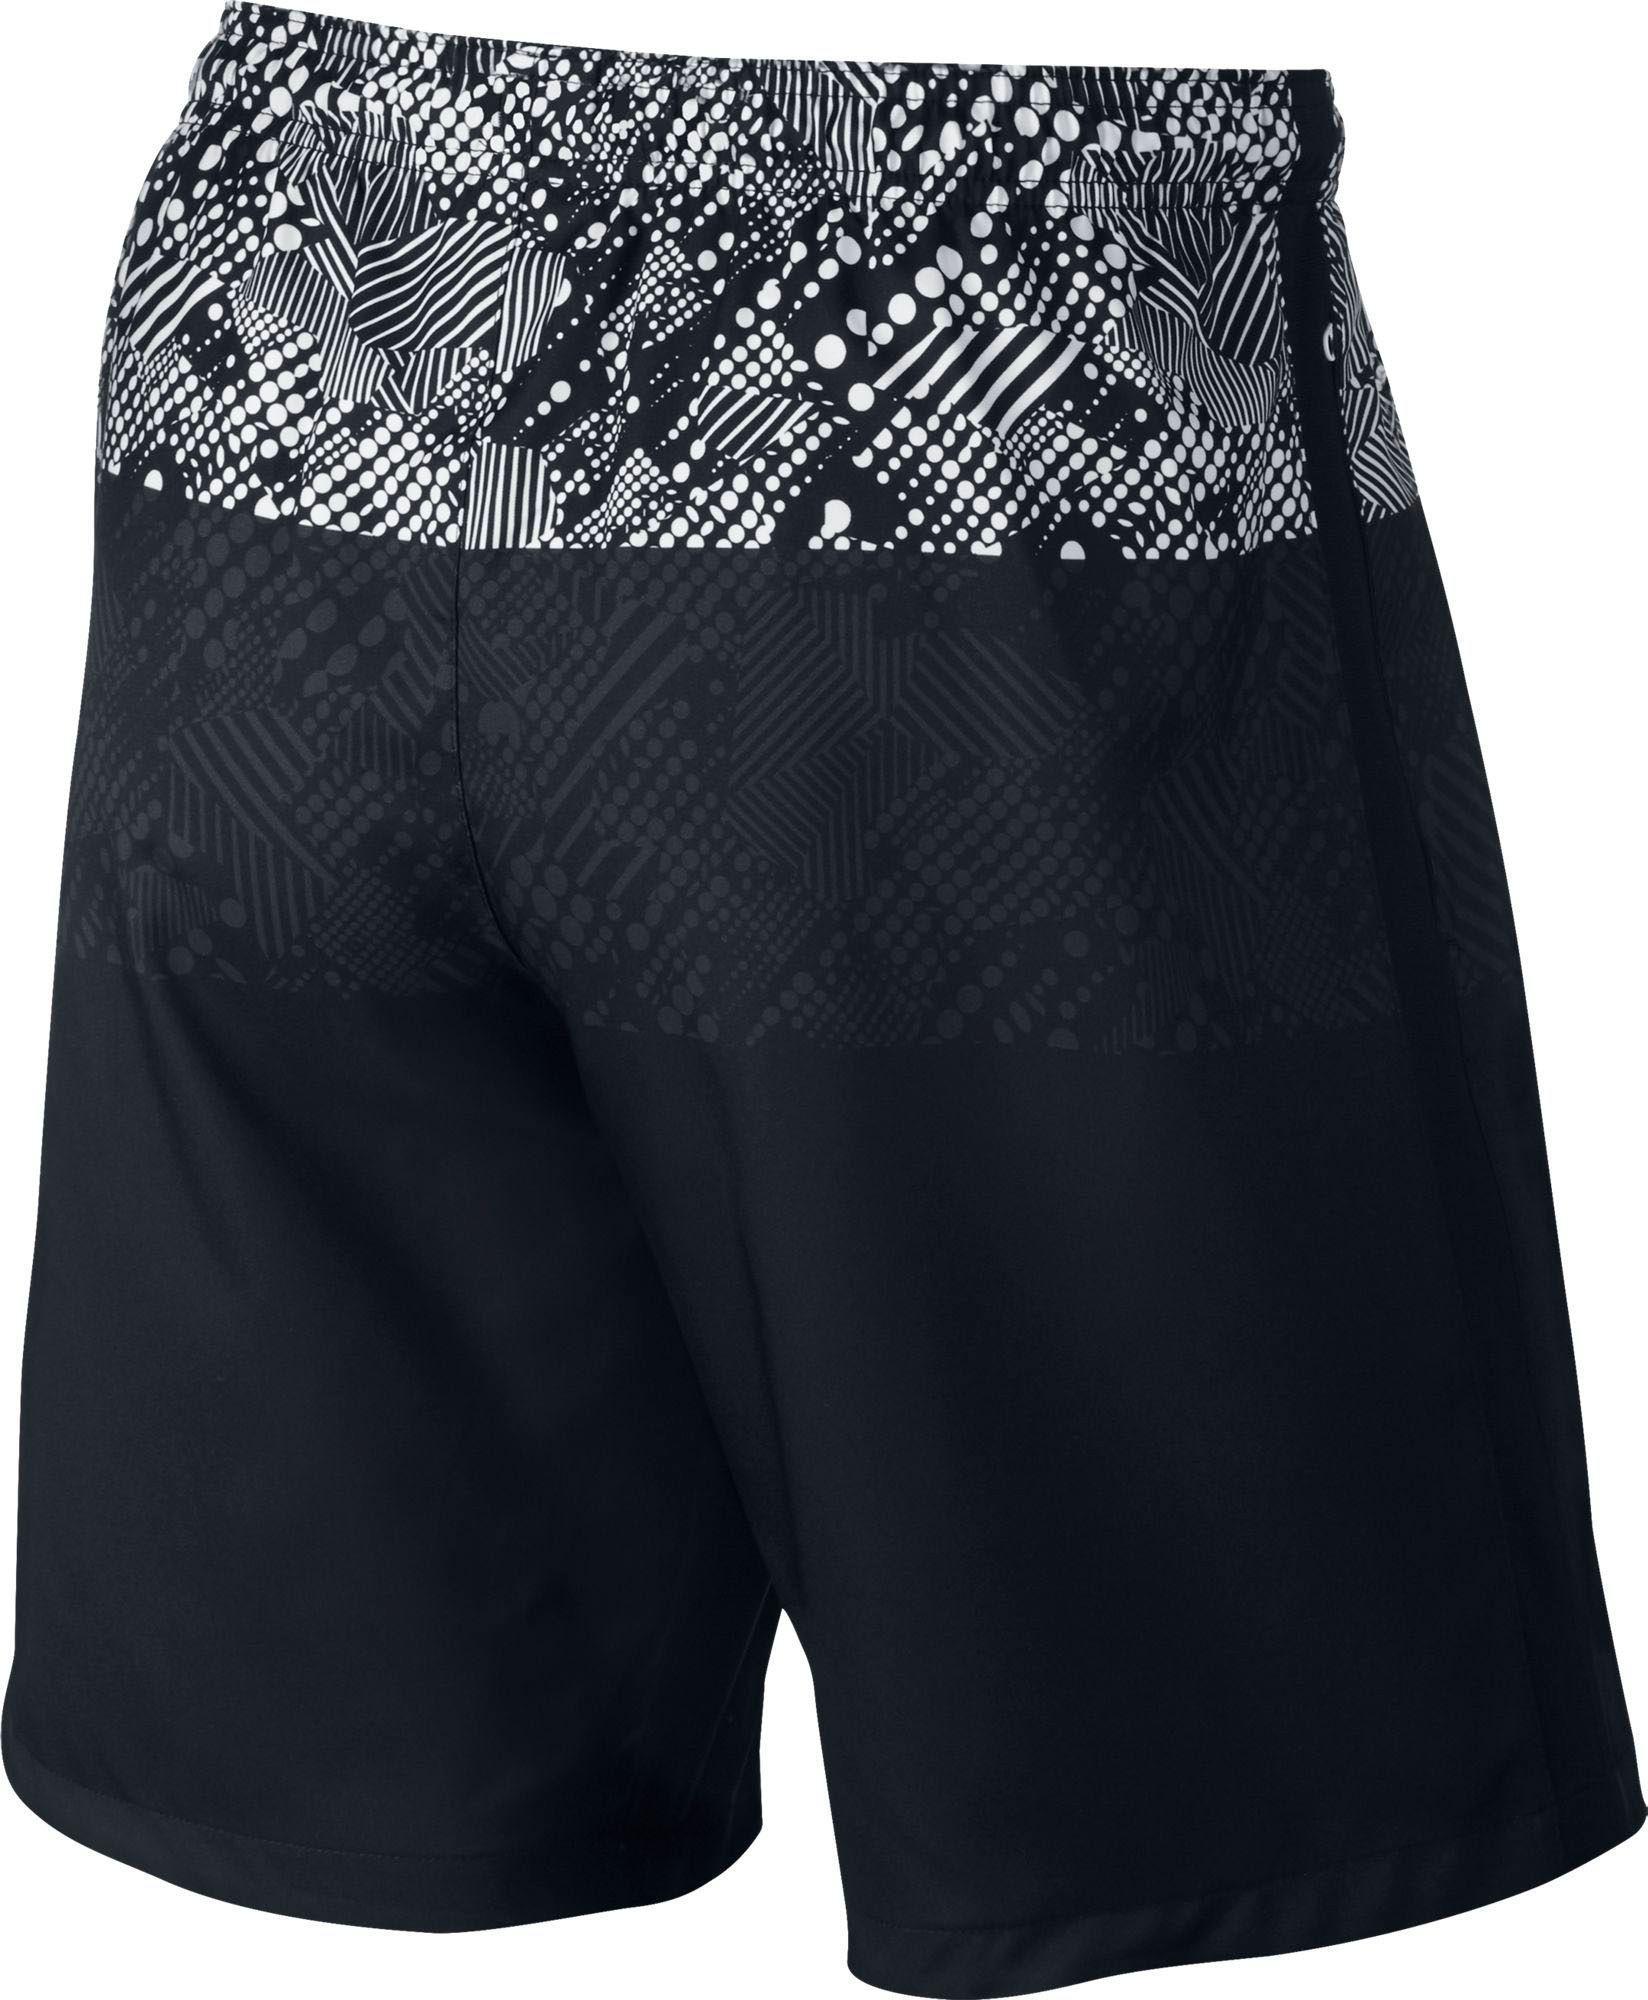 850e5804 Nike Black Dry Squad Dri-fit Football Shorts for men